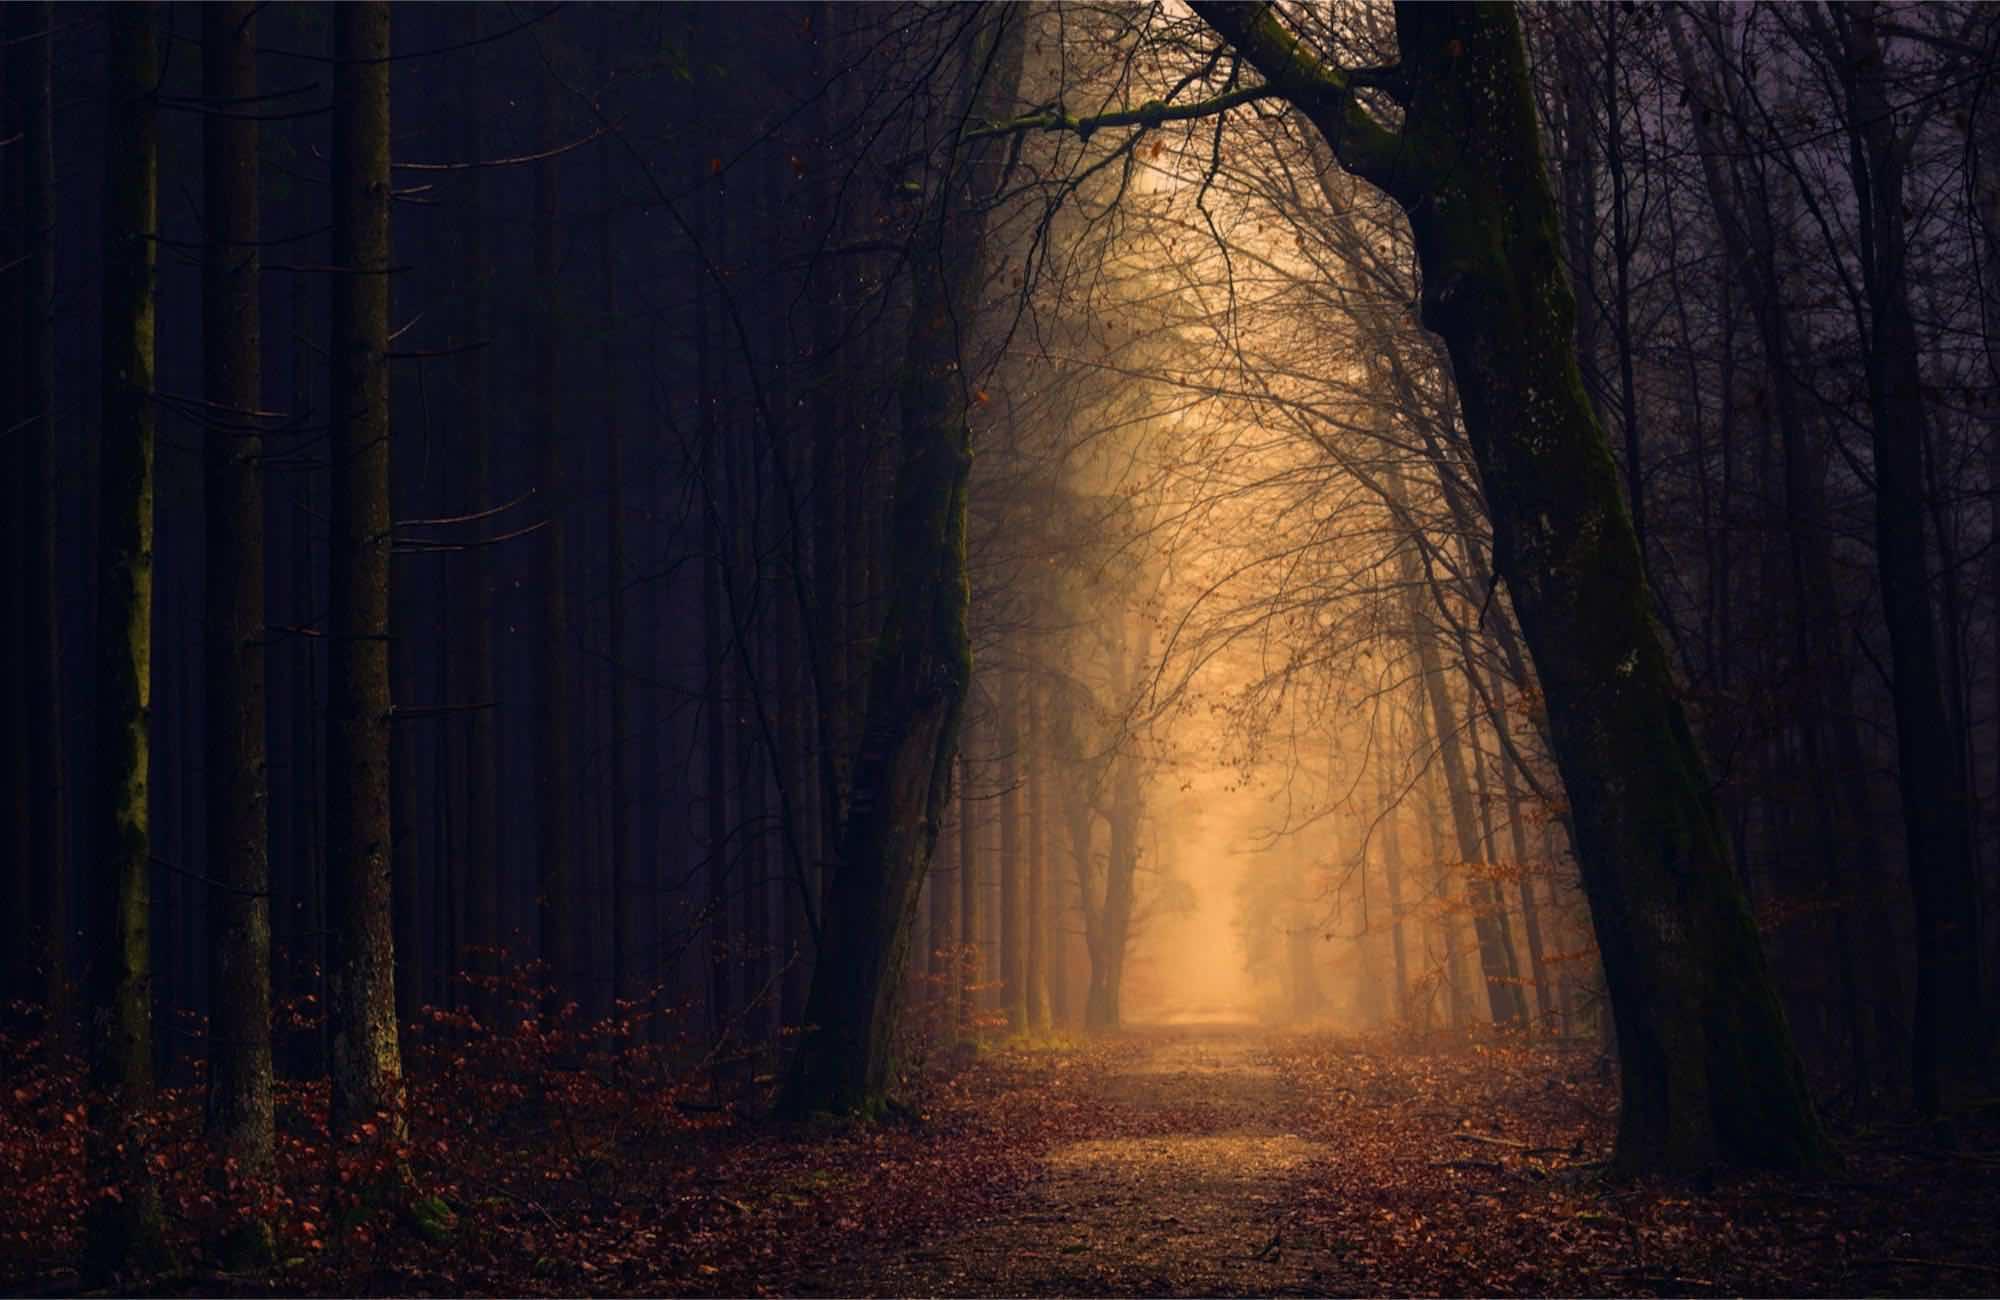 a path through autumn woods